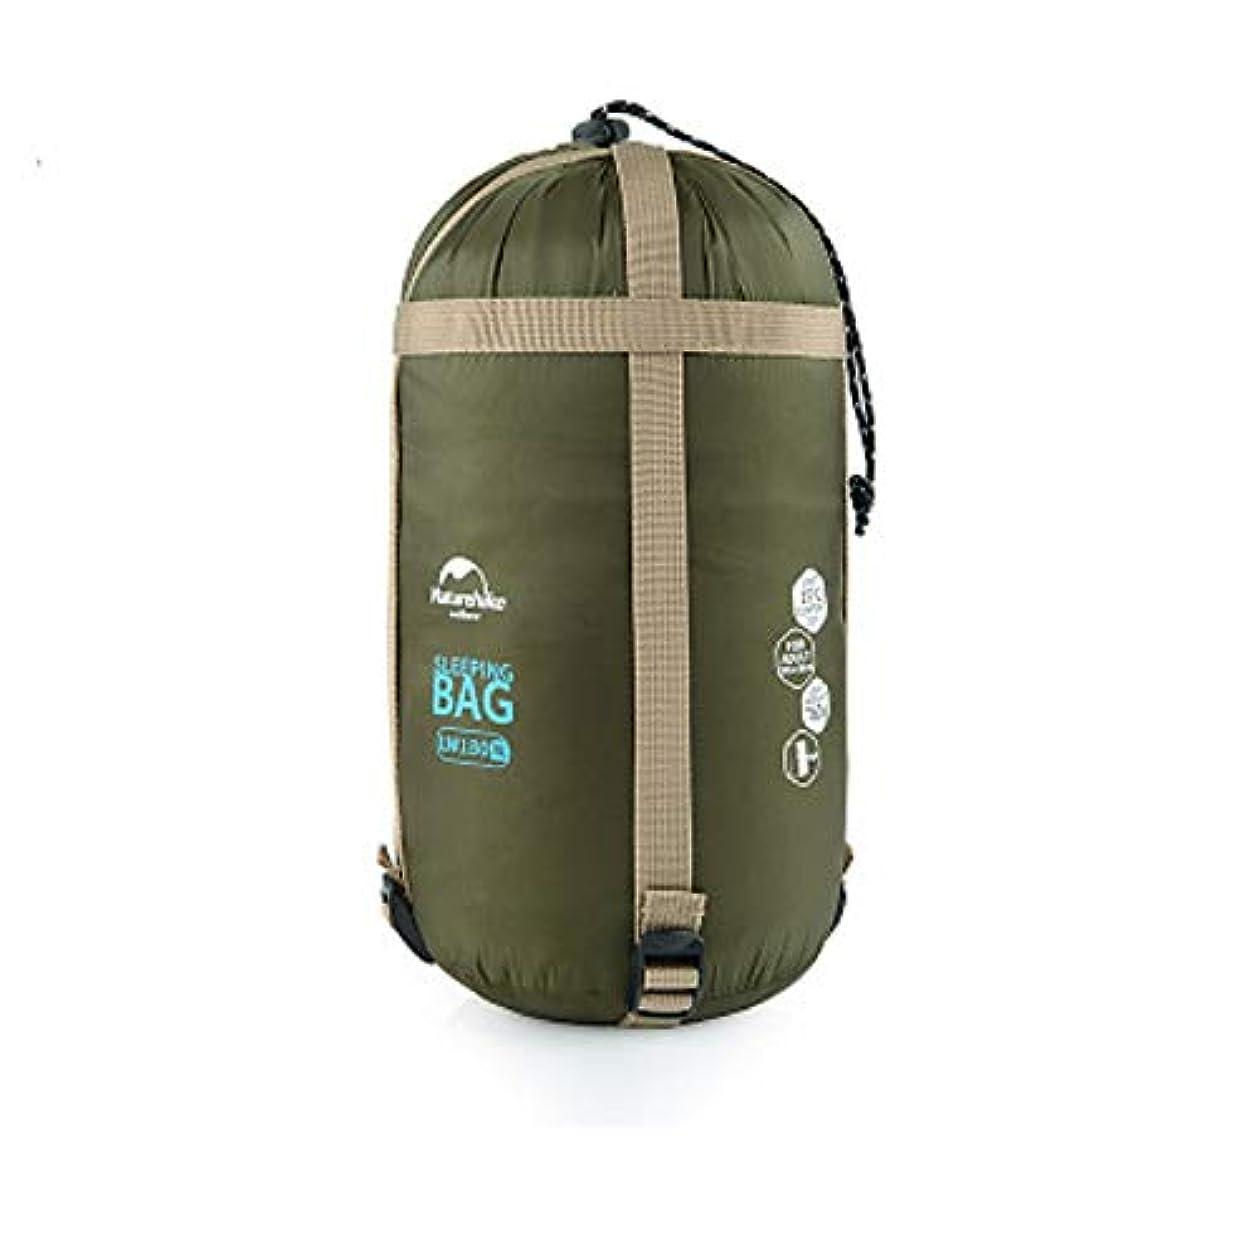 単調ないわゆるかなりNatureHike 190x75cm ミニ屋外超軽量封筒はNH15S003-D登山キャンプハイキングのためのバッグ超小型サイズのスリーピング